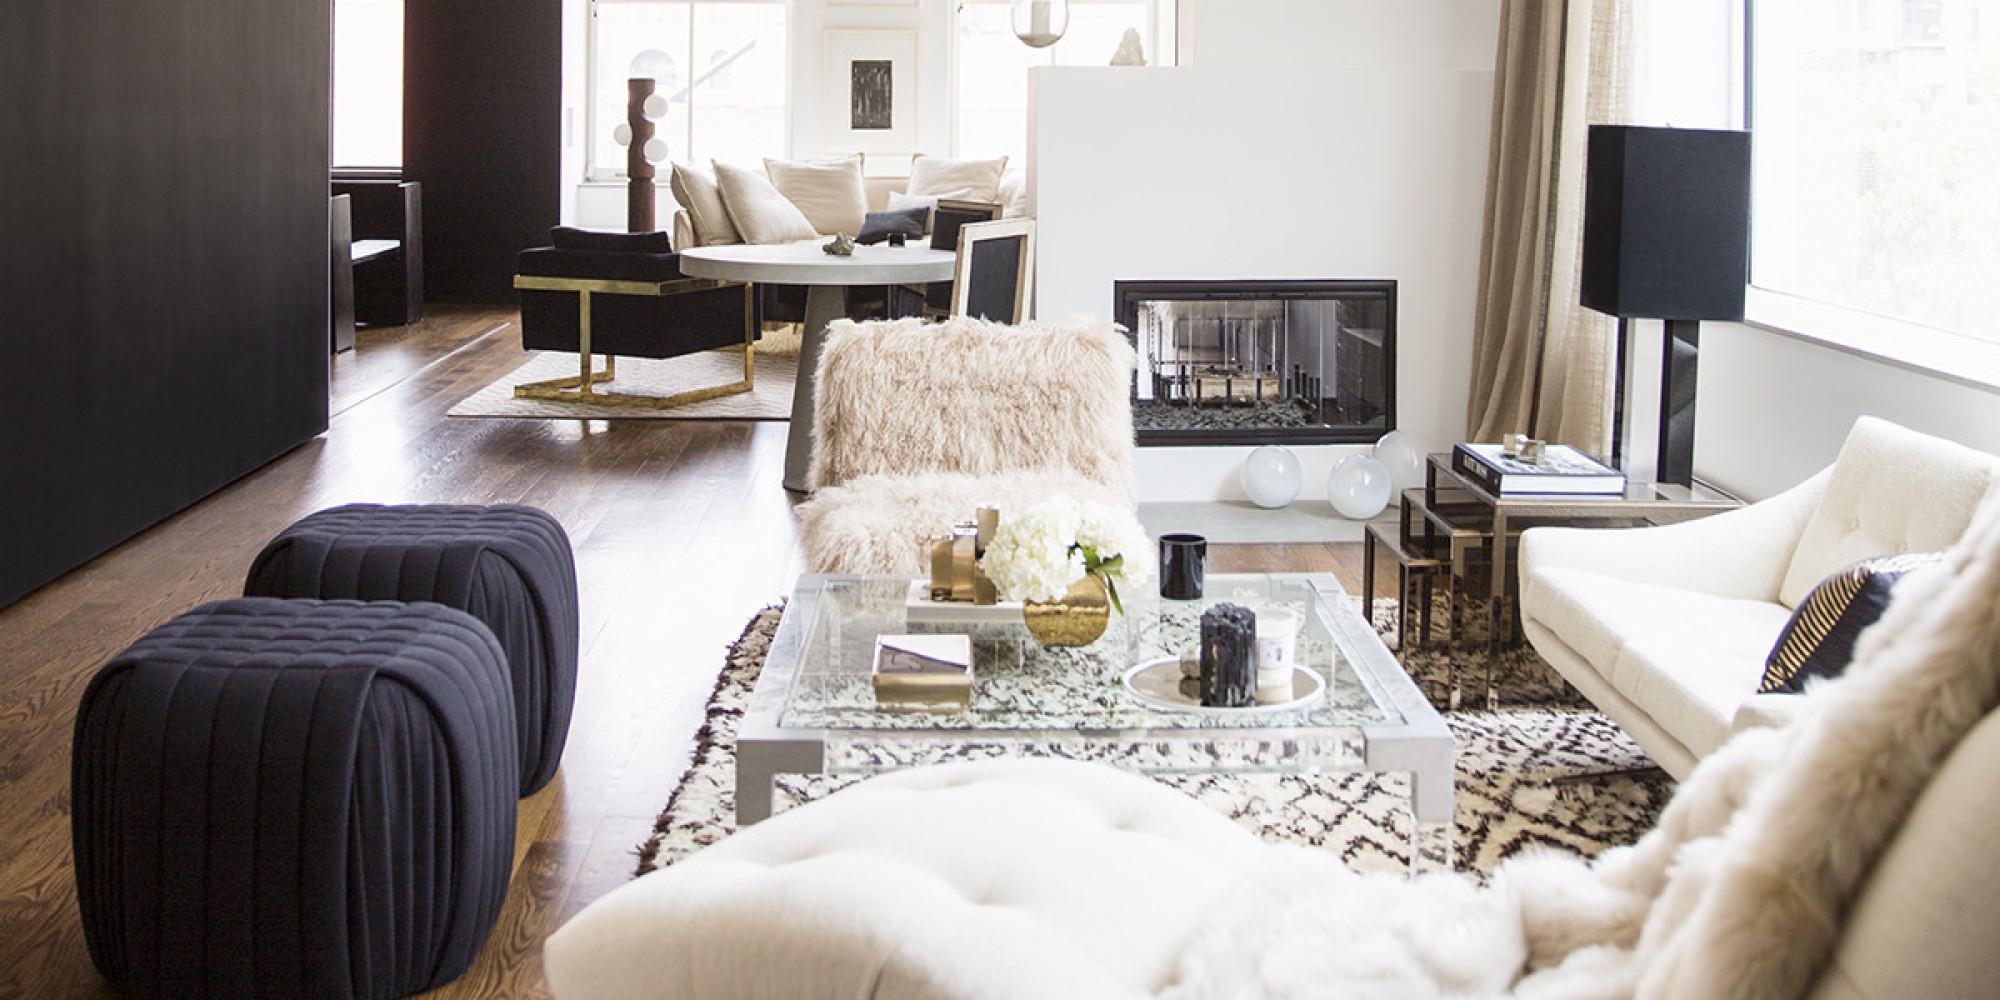 Berkus Design nate berkus & jeremiah brent design colorists rita hazan's home